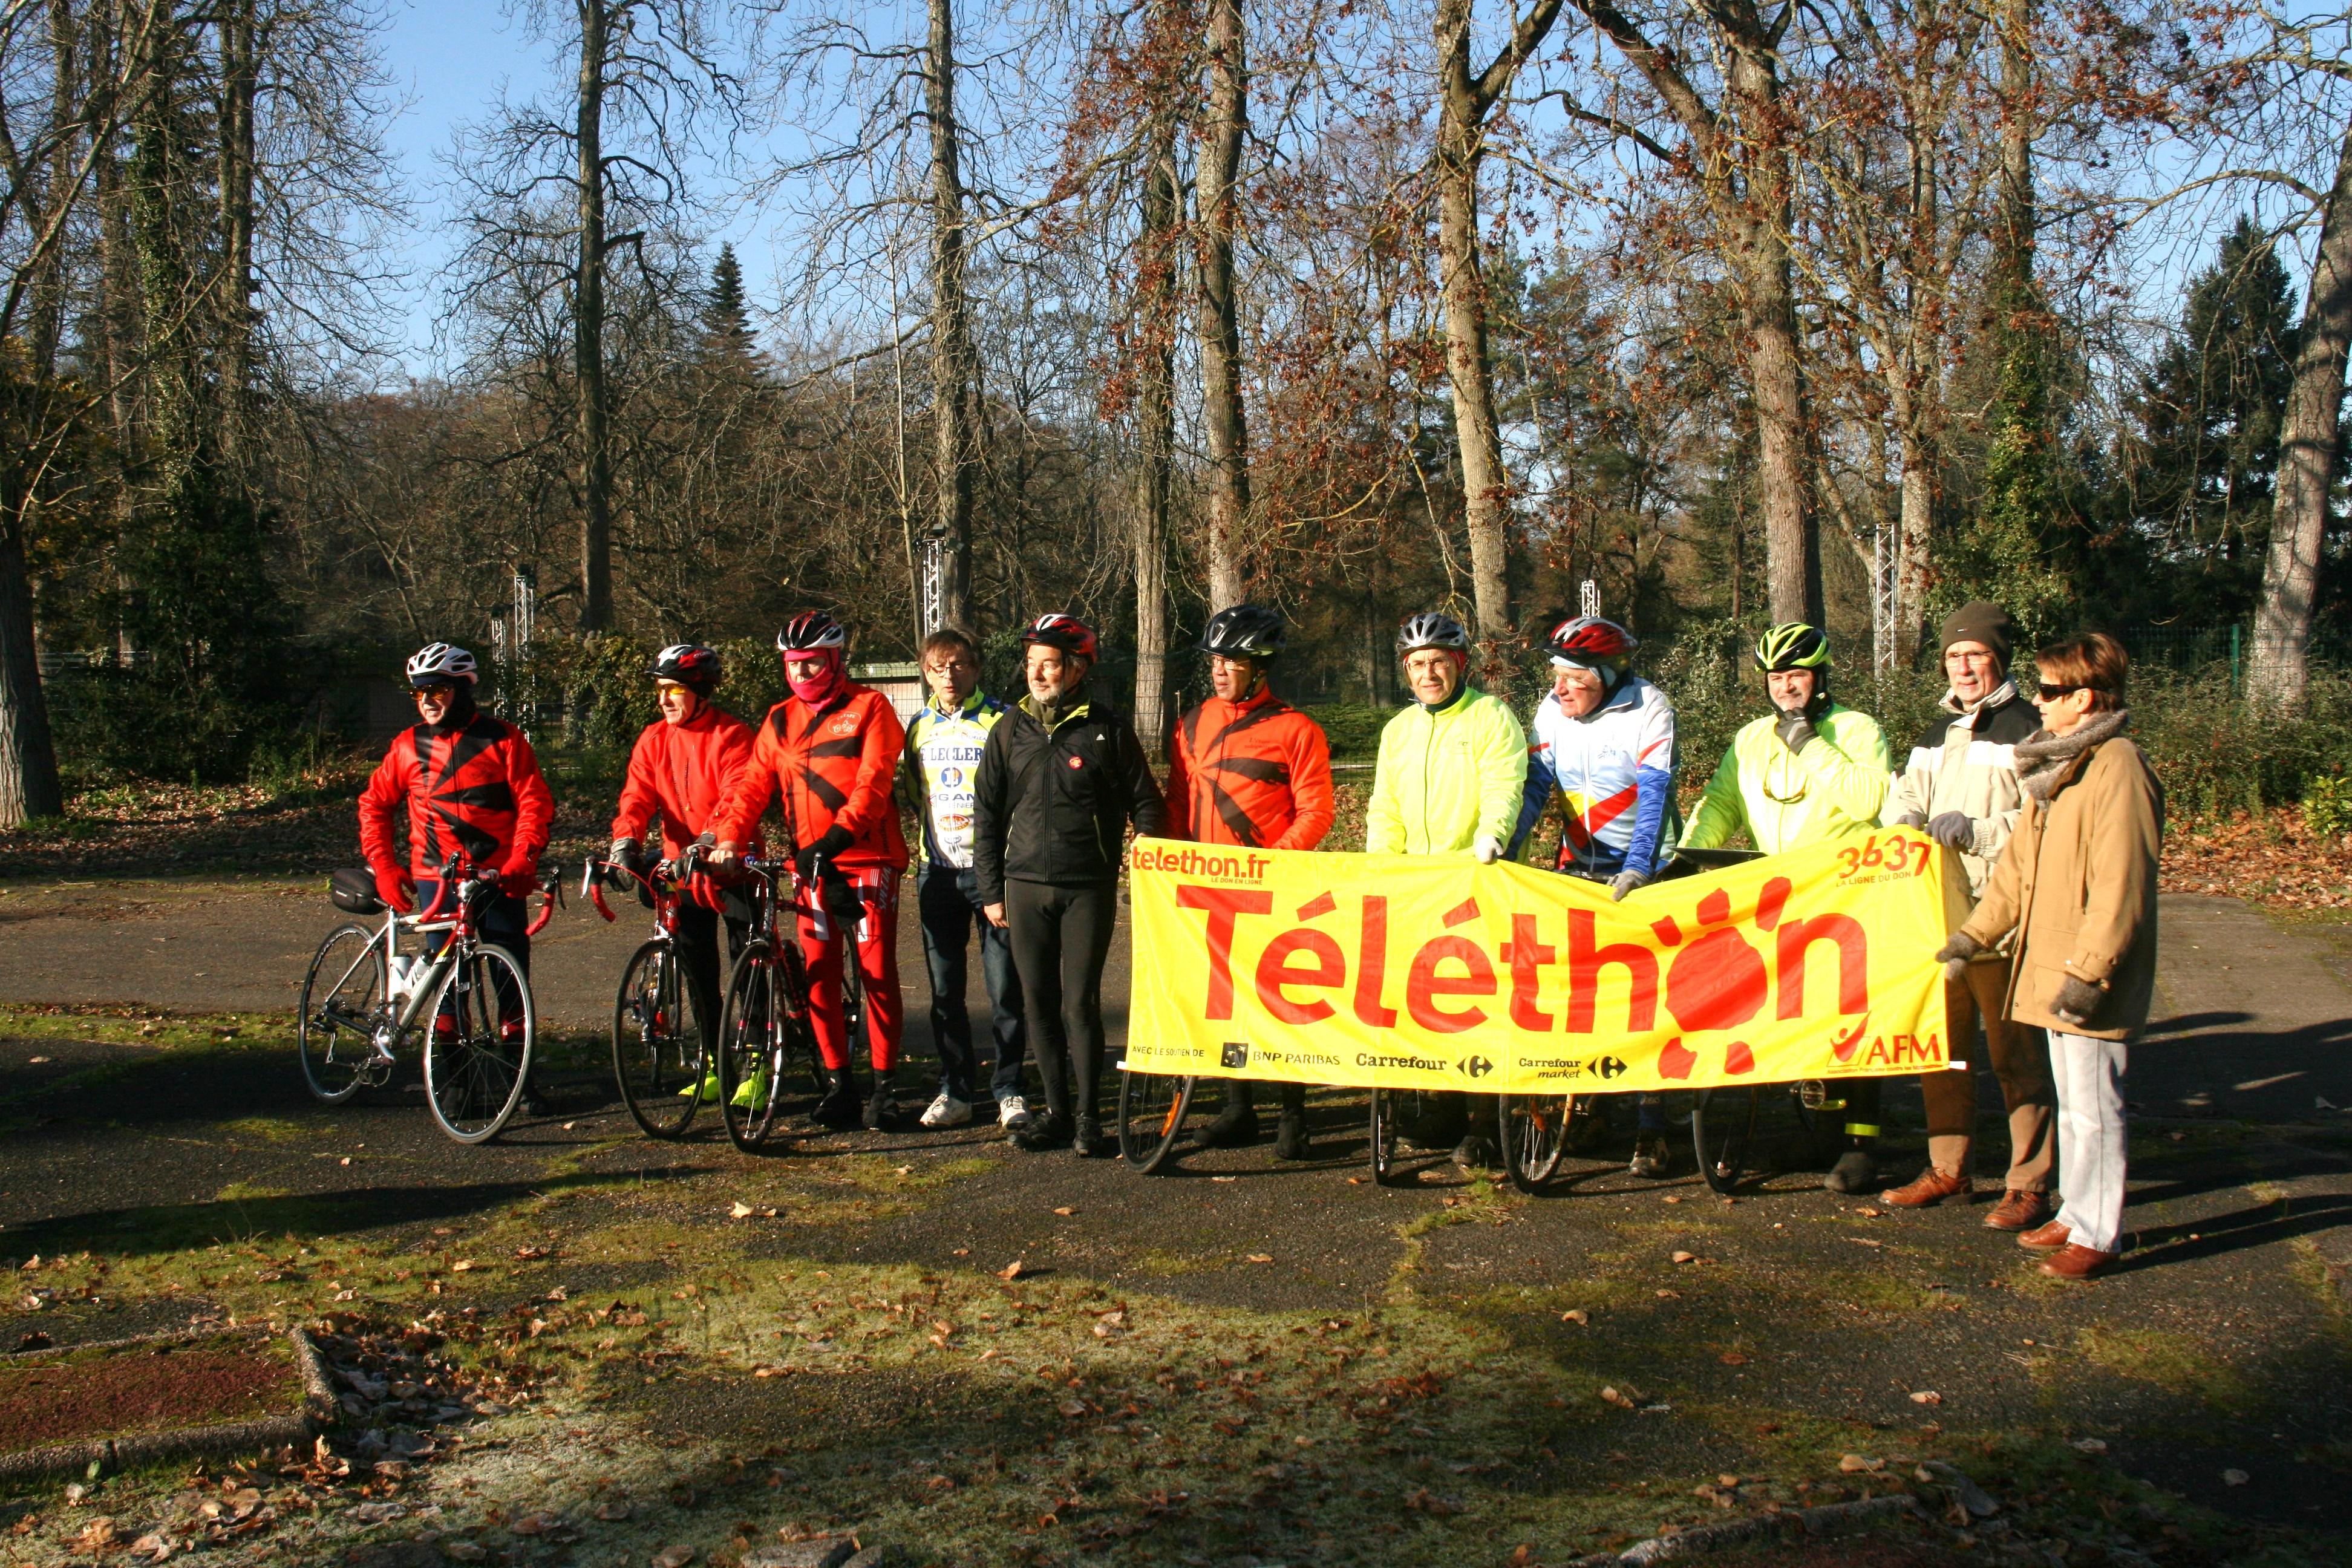 telethon-photos-004-1